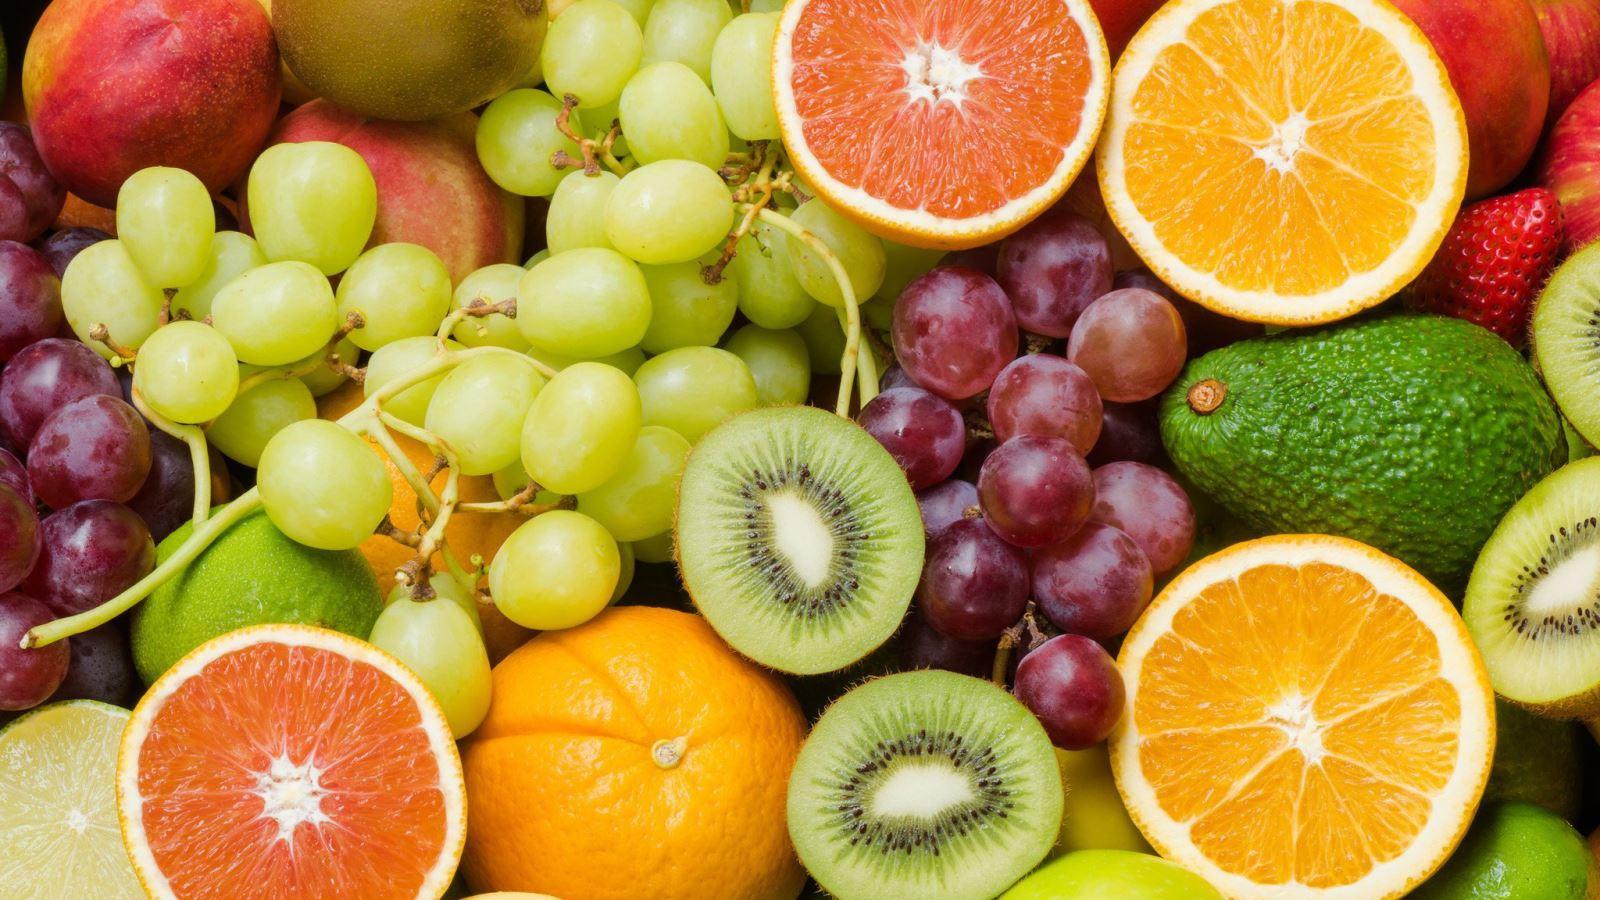 Ăn nhiều trái cây giúp giảm cân hiệu quả sau sinh